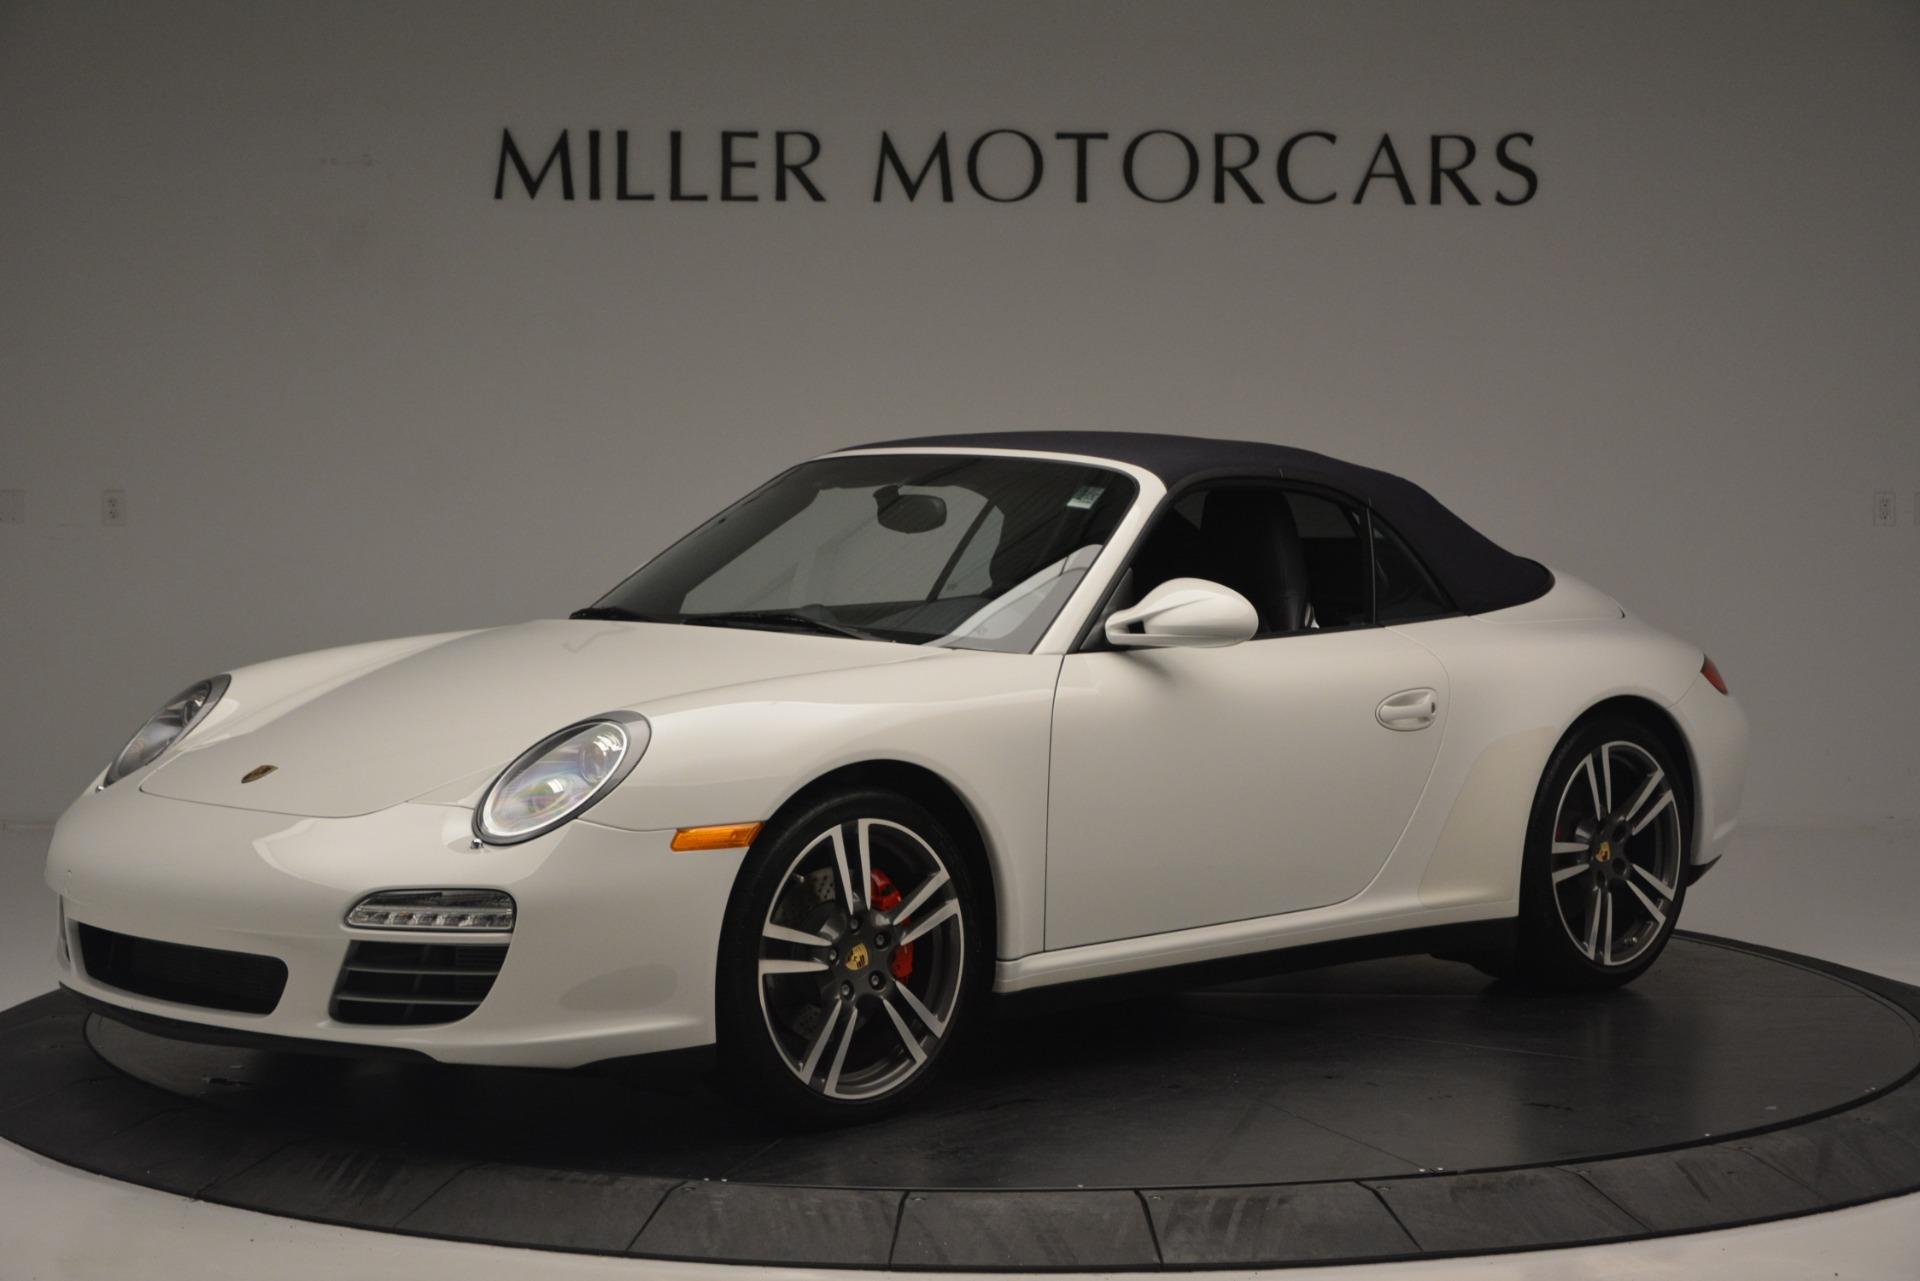 Used 2011 Porsche 911 Carrera 4S For Sale In Greenwich, CT 2600_p13